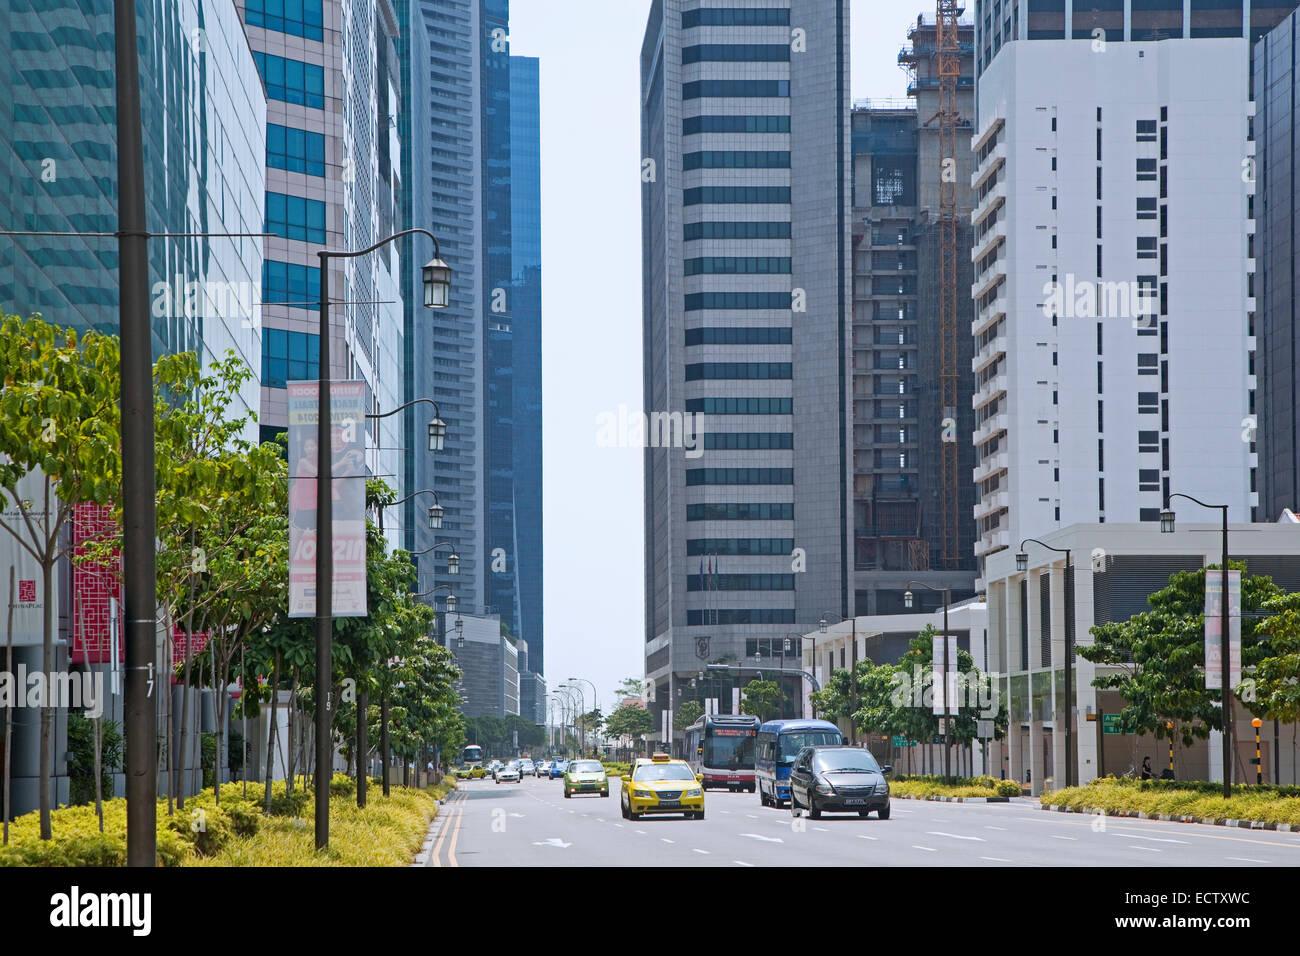 Verkehr und Hochbau Bürohäuser und Wolkenkratzer im Zentralbereich / zentralen Geschäftsviertel von Stockbild